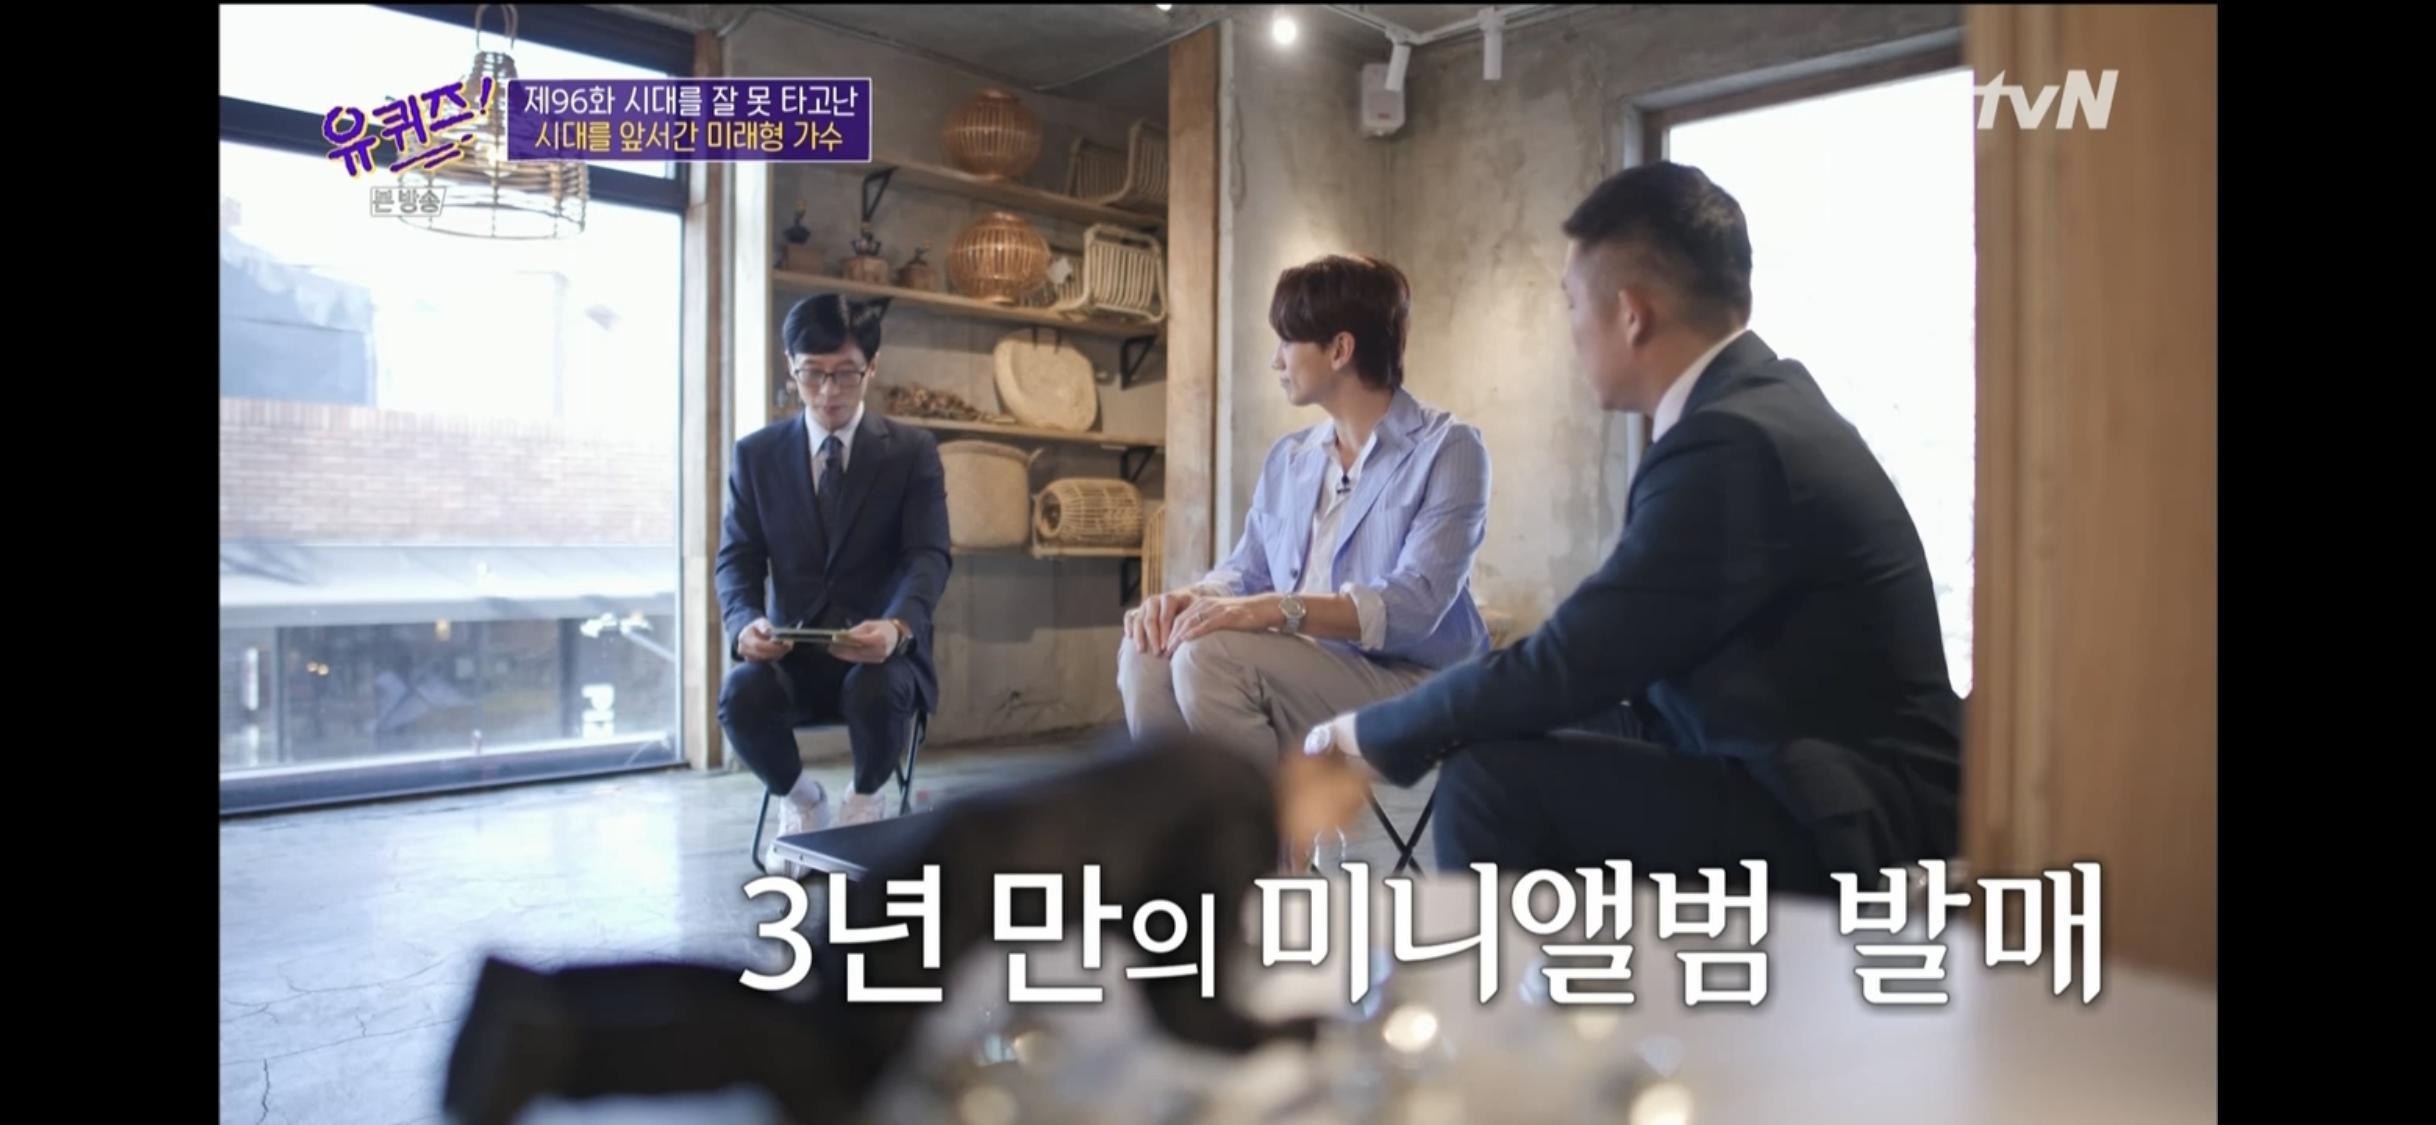 """무승부 아내 '유 퀴즈'비, """"윤호가하지 않아?""""  웃음"""